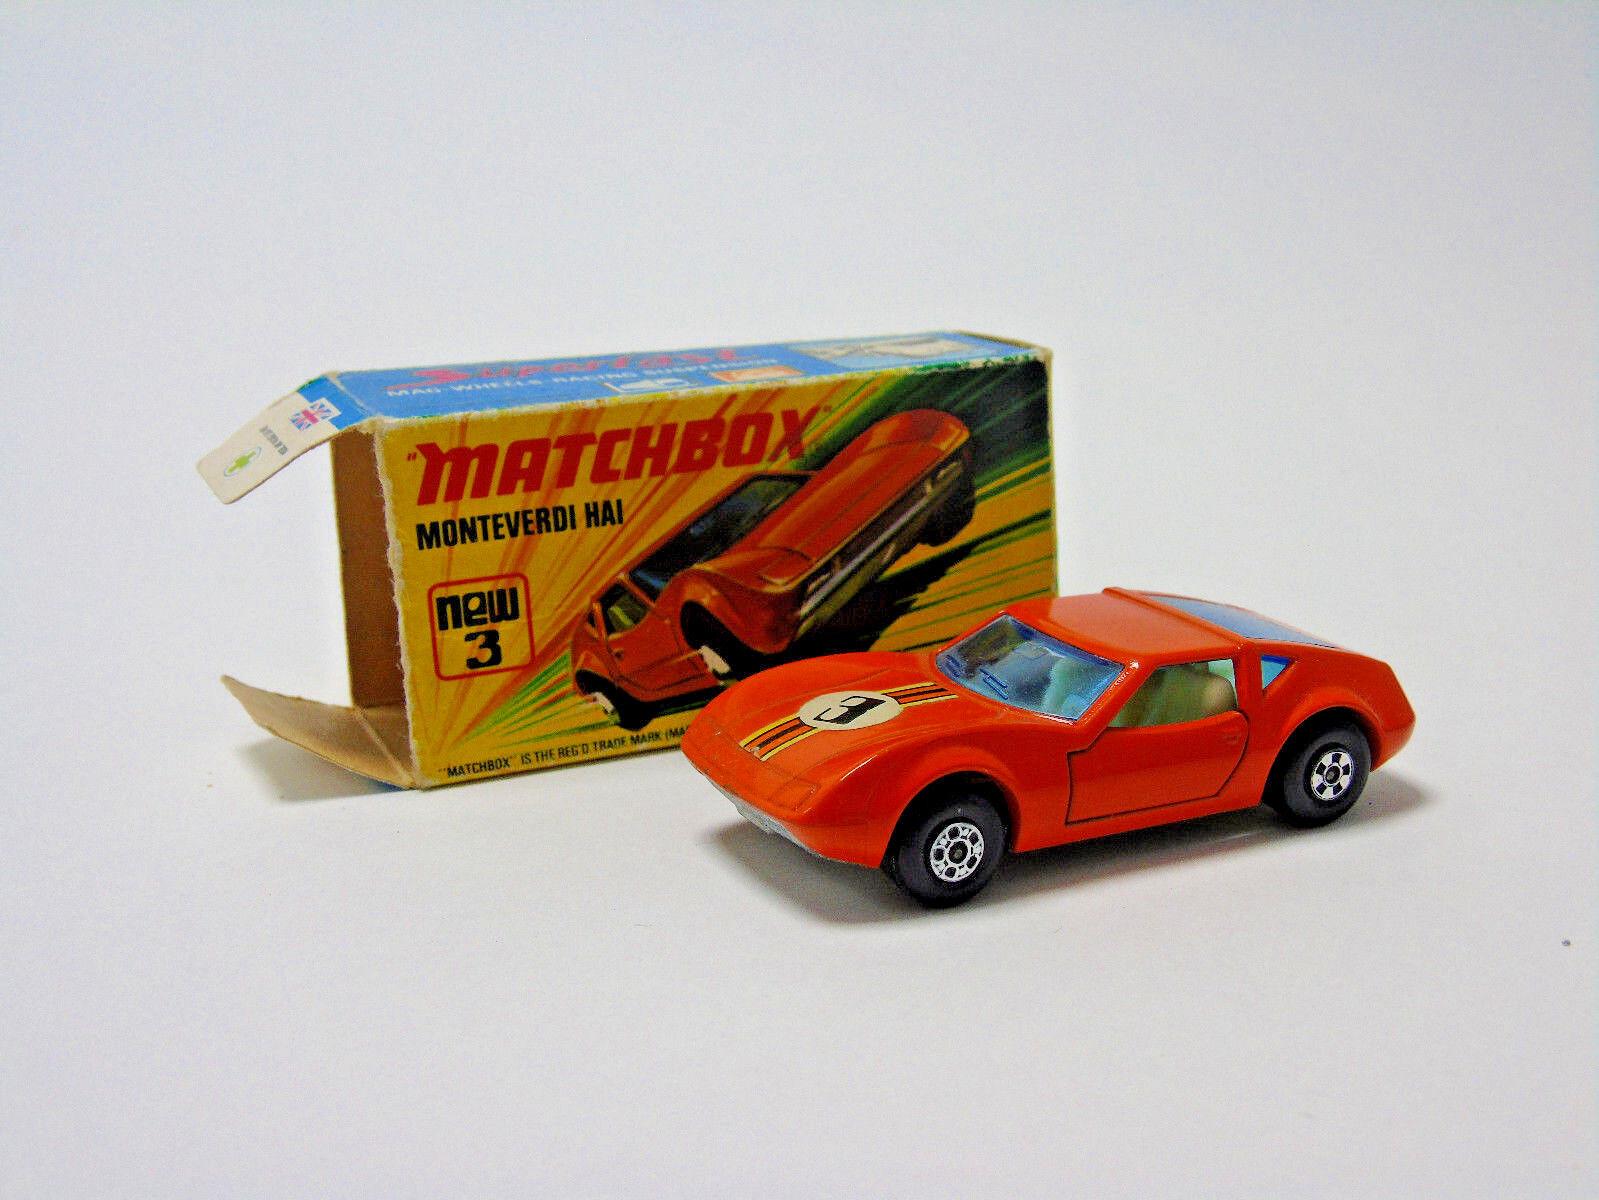 No.3 1973 Matchbox Superfast orange ( 3) Monteverdi Hai 1 58 Scale Boxed